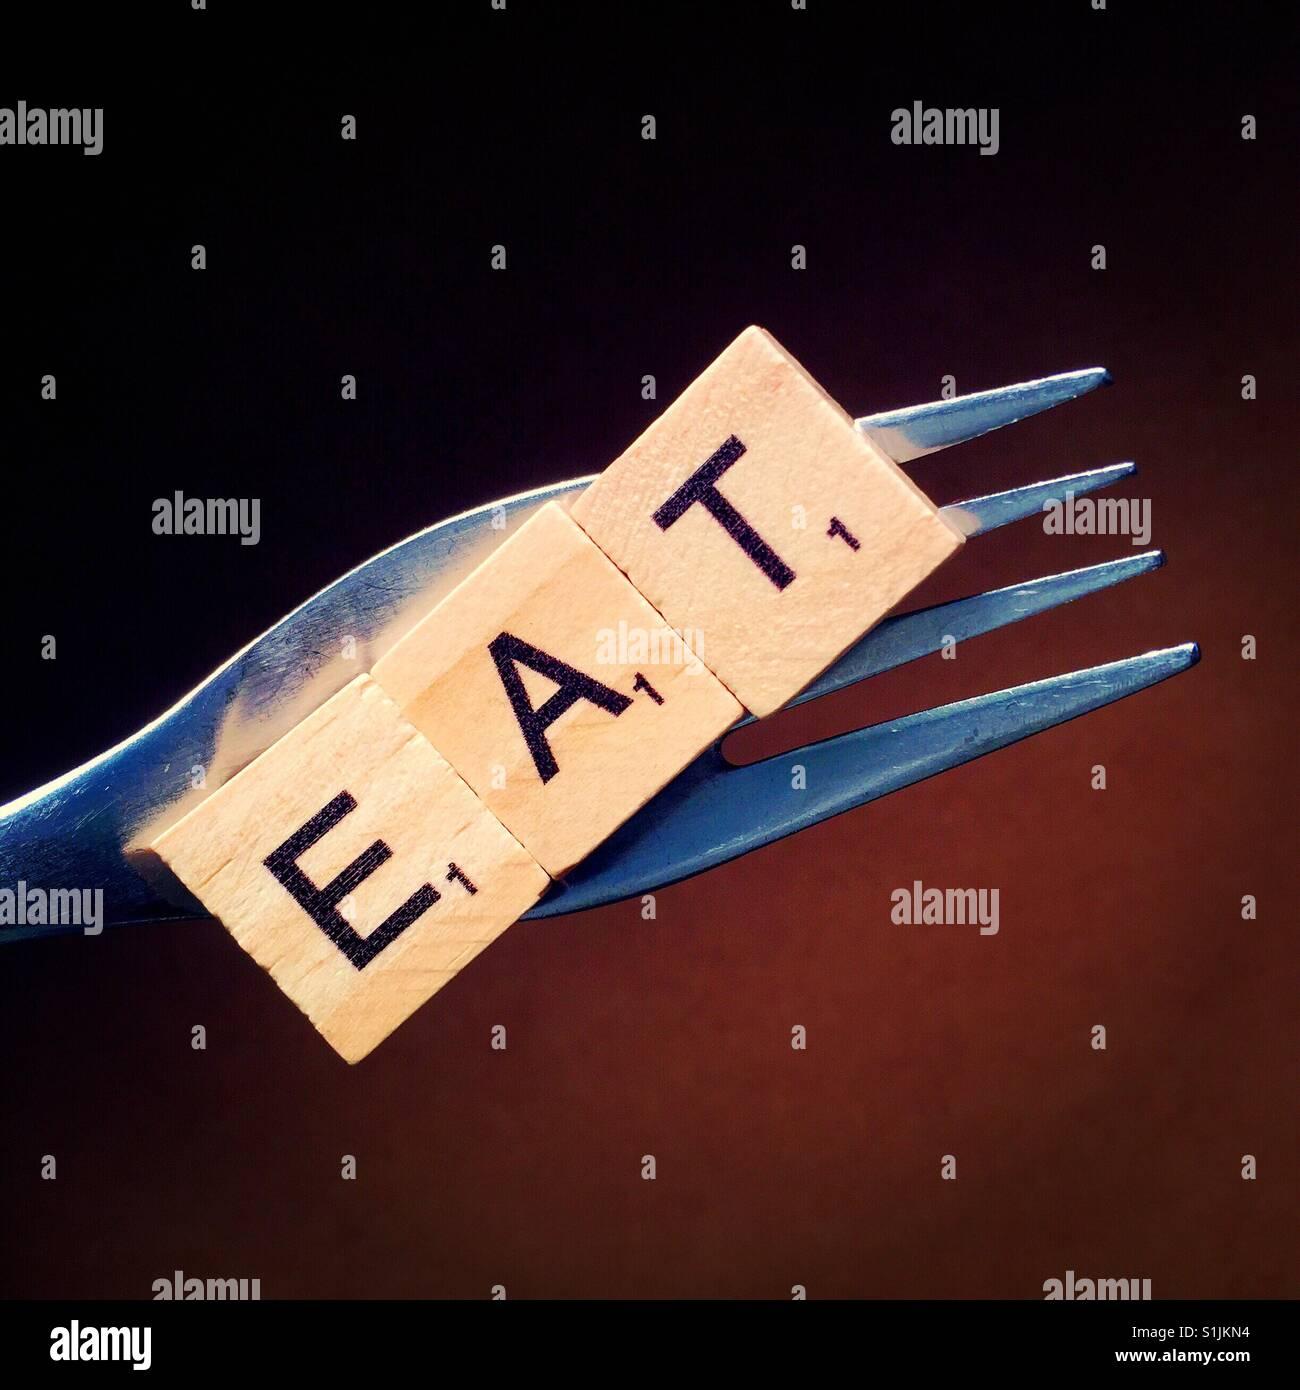 In prossimità di una forcella con lettere ortografia mangiare su di esso Immagini Stock